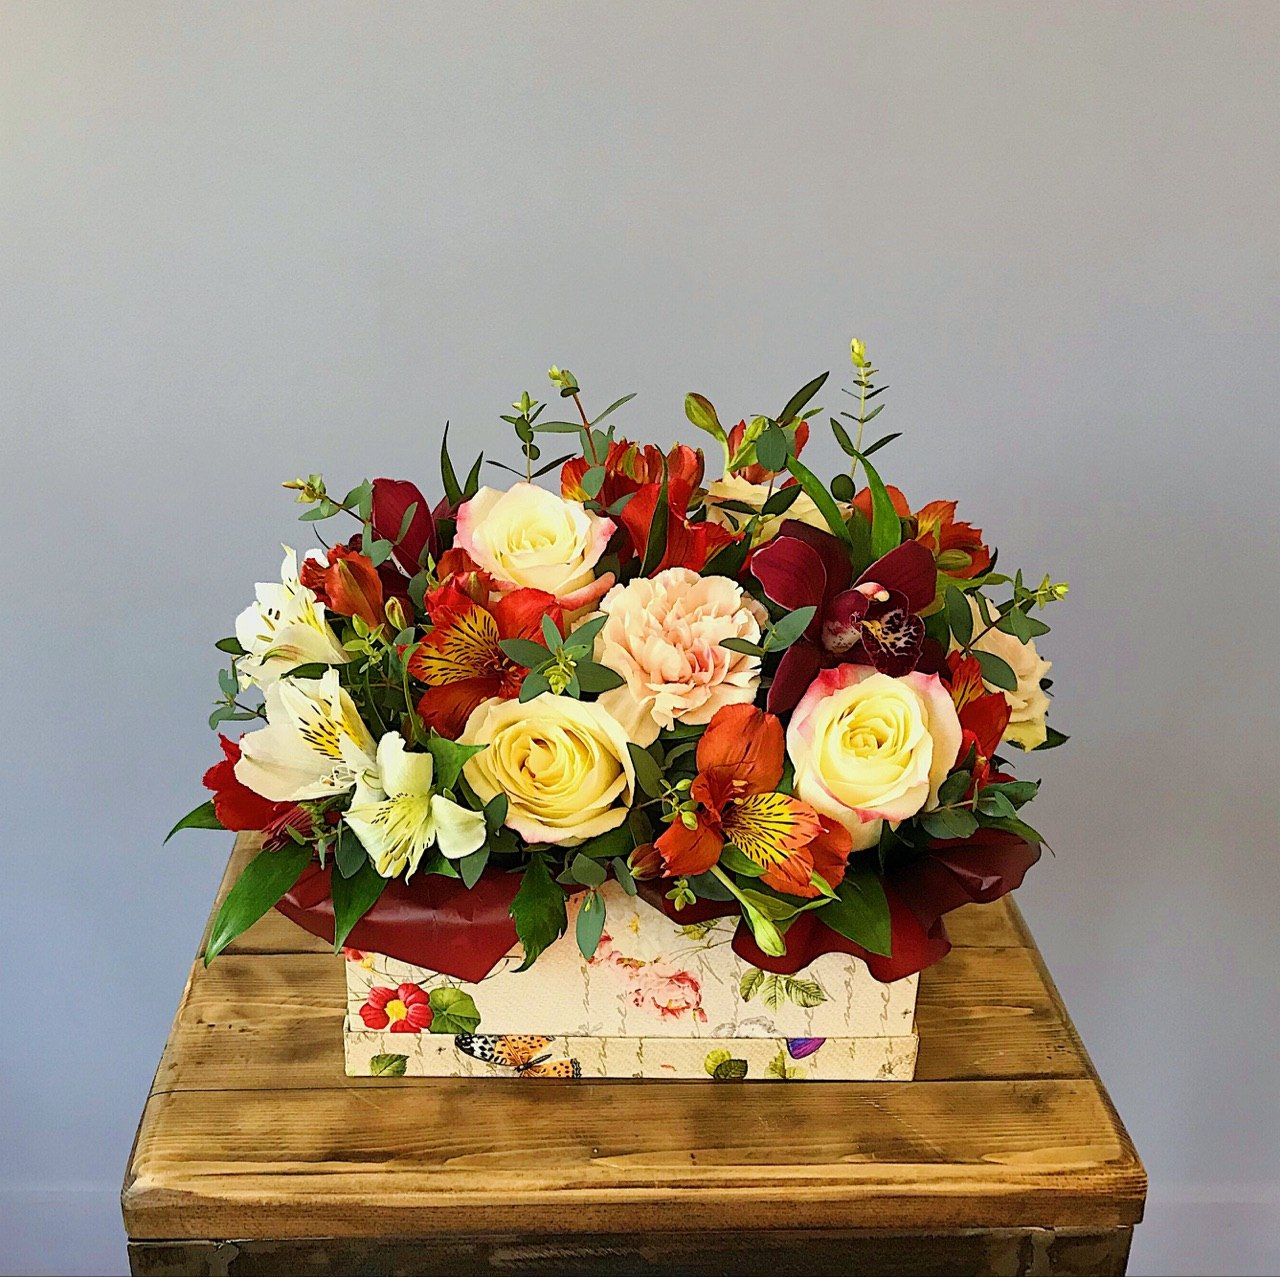 Яркая коробочка с орхидеями, розами, альстромерией